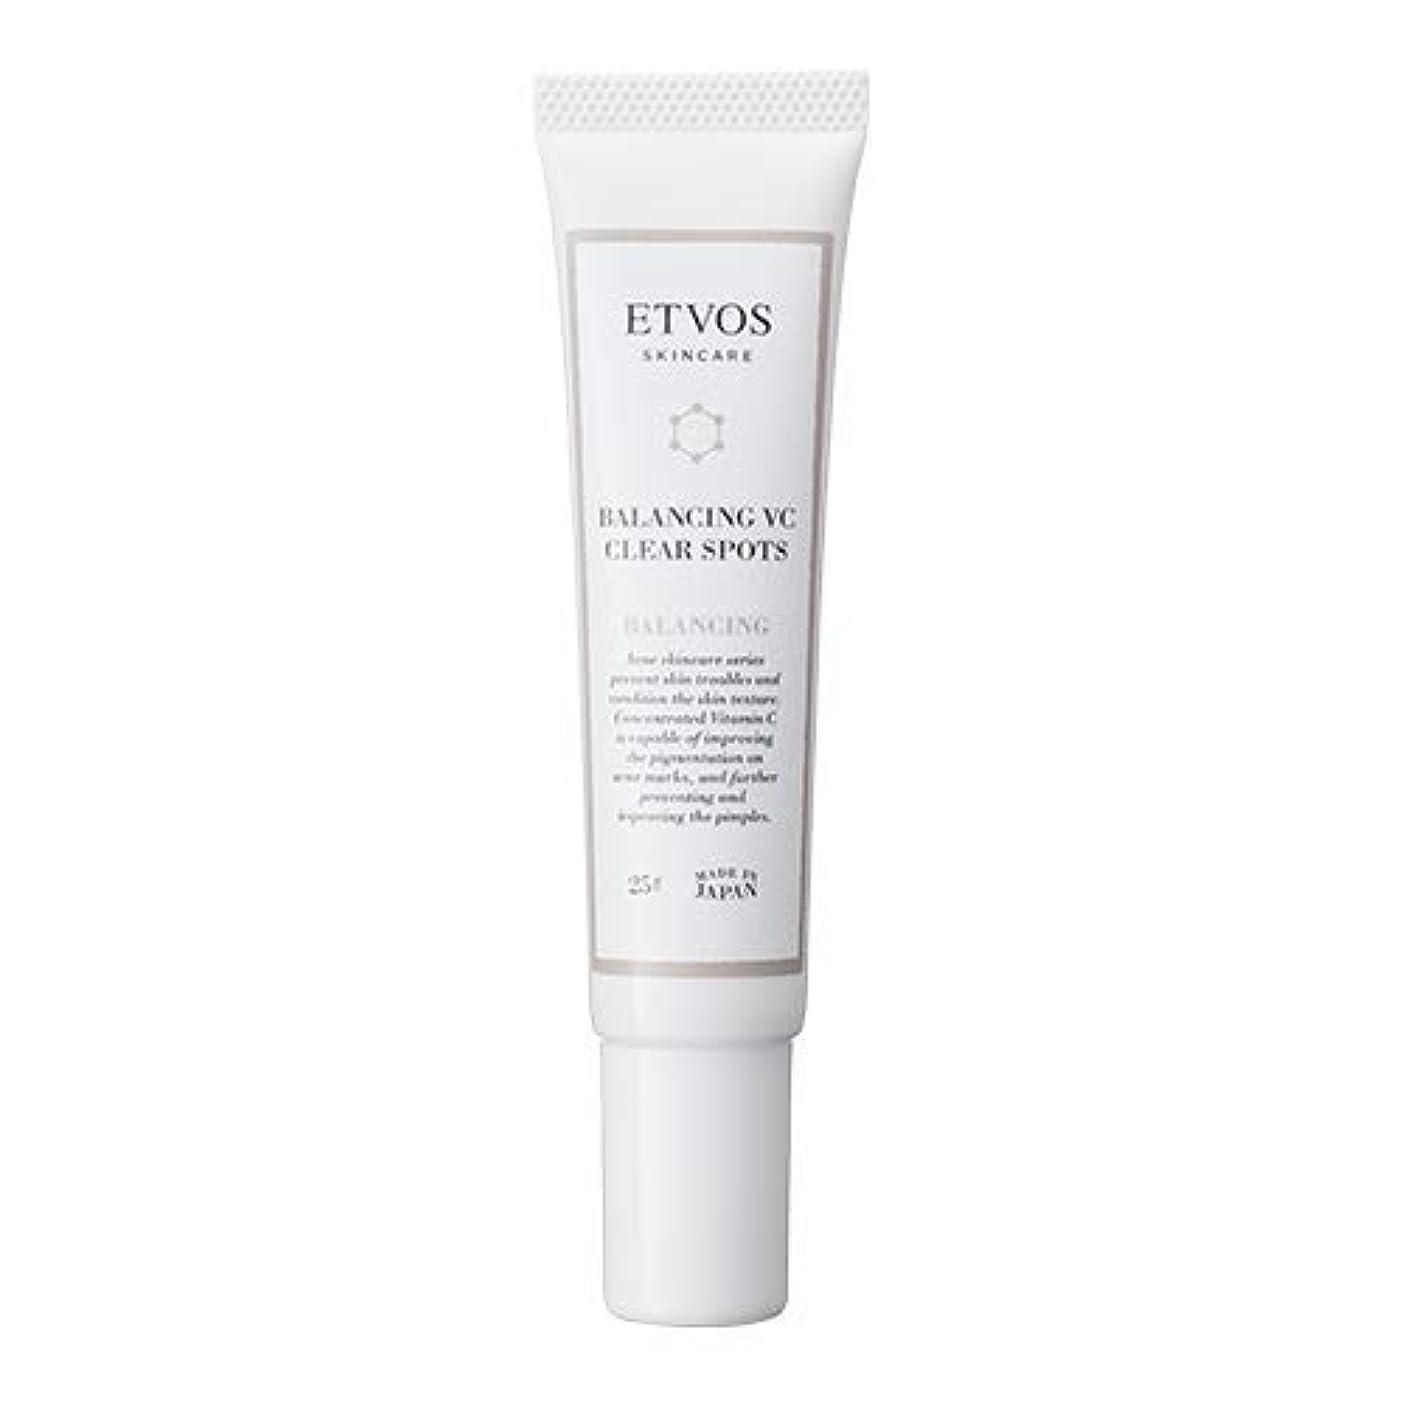 喪好奇心盛適応的ETVOS(エトヴォス) 肌荒れ防止美容液 バランシングVCクリアスポッツ 25g アゼライン酸 おでこ/あご/頭皮